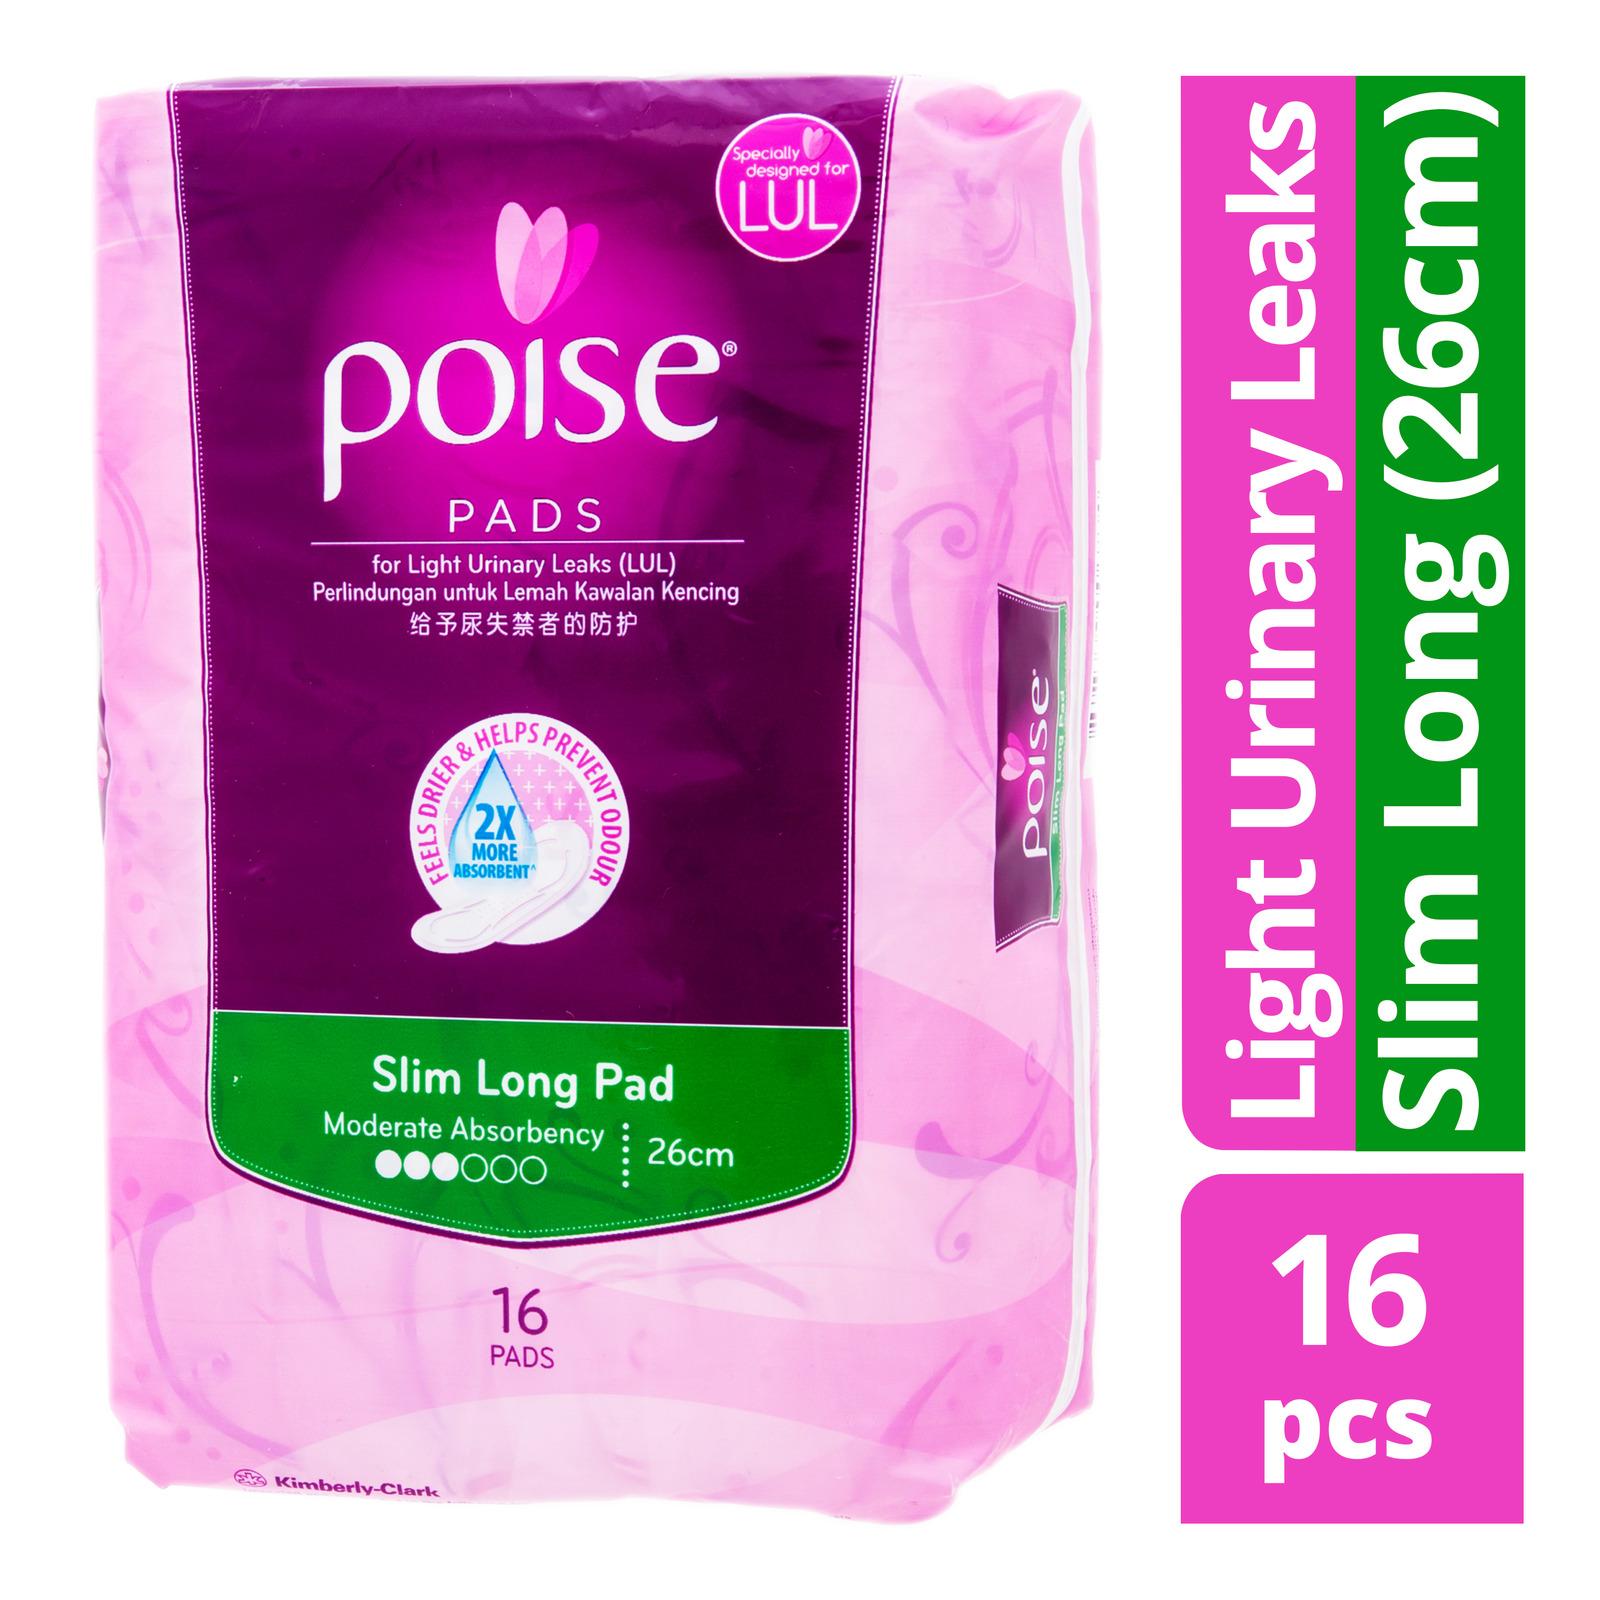 Poise Pads For Light Urinary Leaks - Slim Long (26cm)